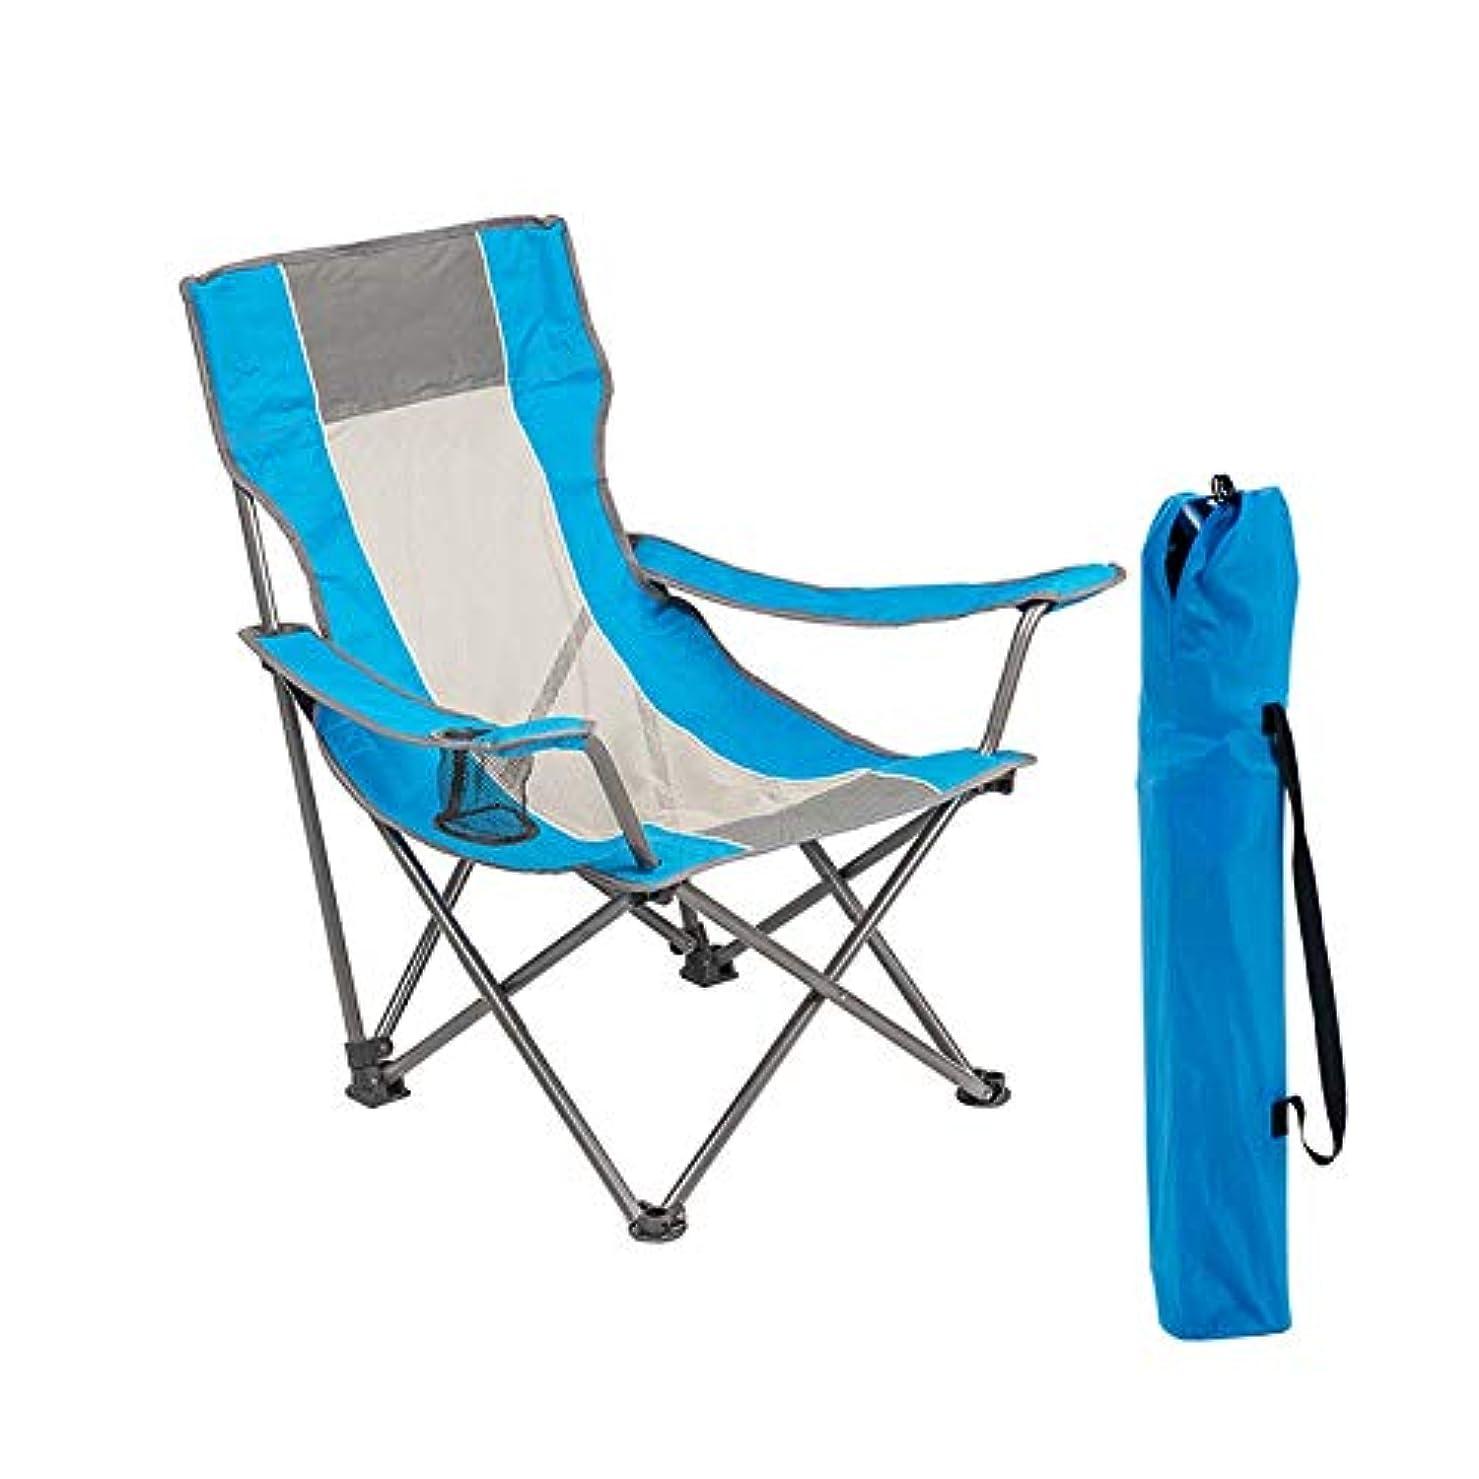 符号最後にコンパニオン屋外ポータブル折りたたみ椅子、ランチ休憩のあと振れ止め増加通気性の釣り椅子、ビーチディレクターズトラベルシートブルー